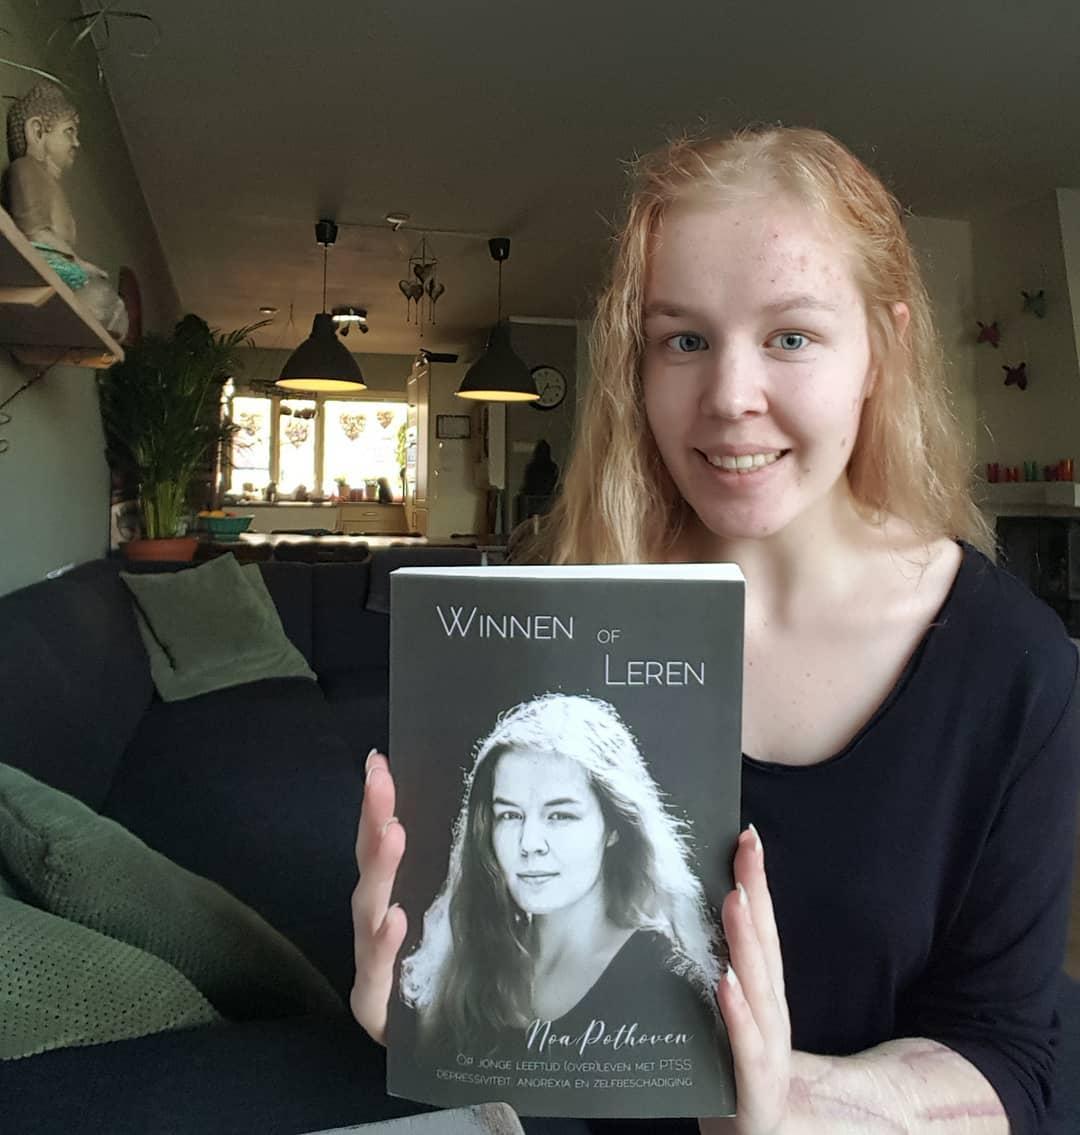 Девушка рассказала о своей жизни в автобиографической книге Побеждать или учиться